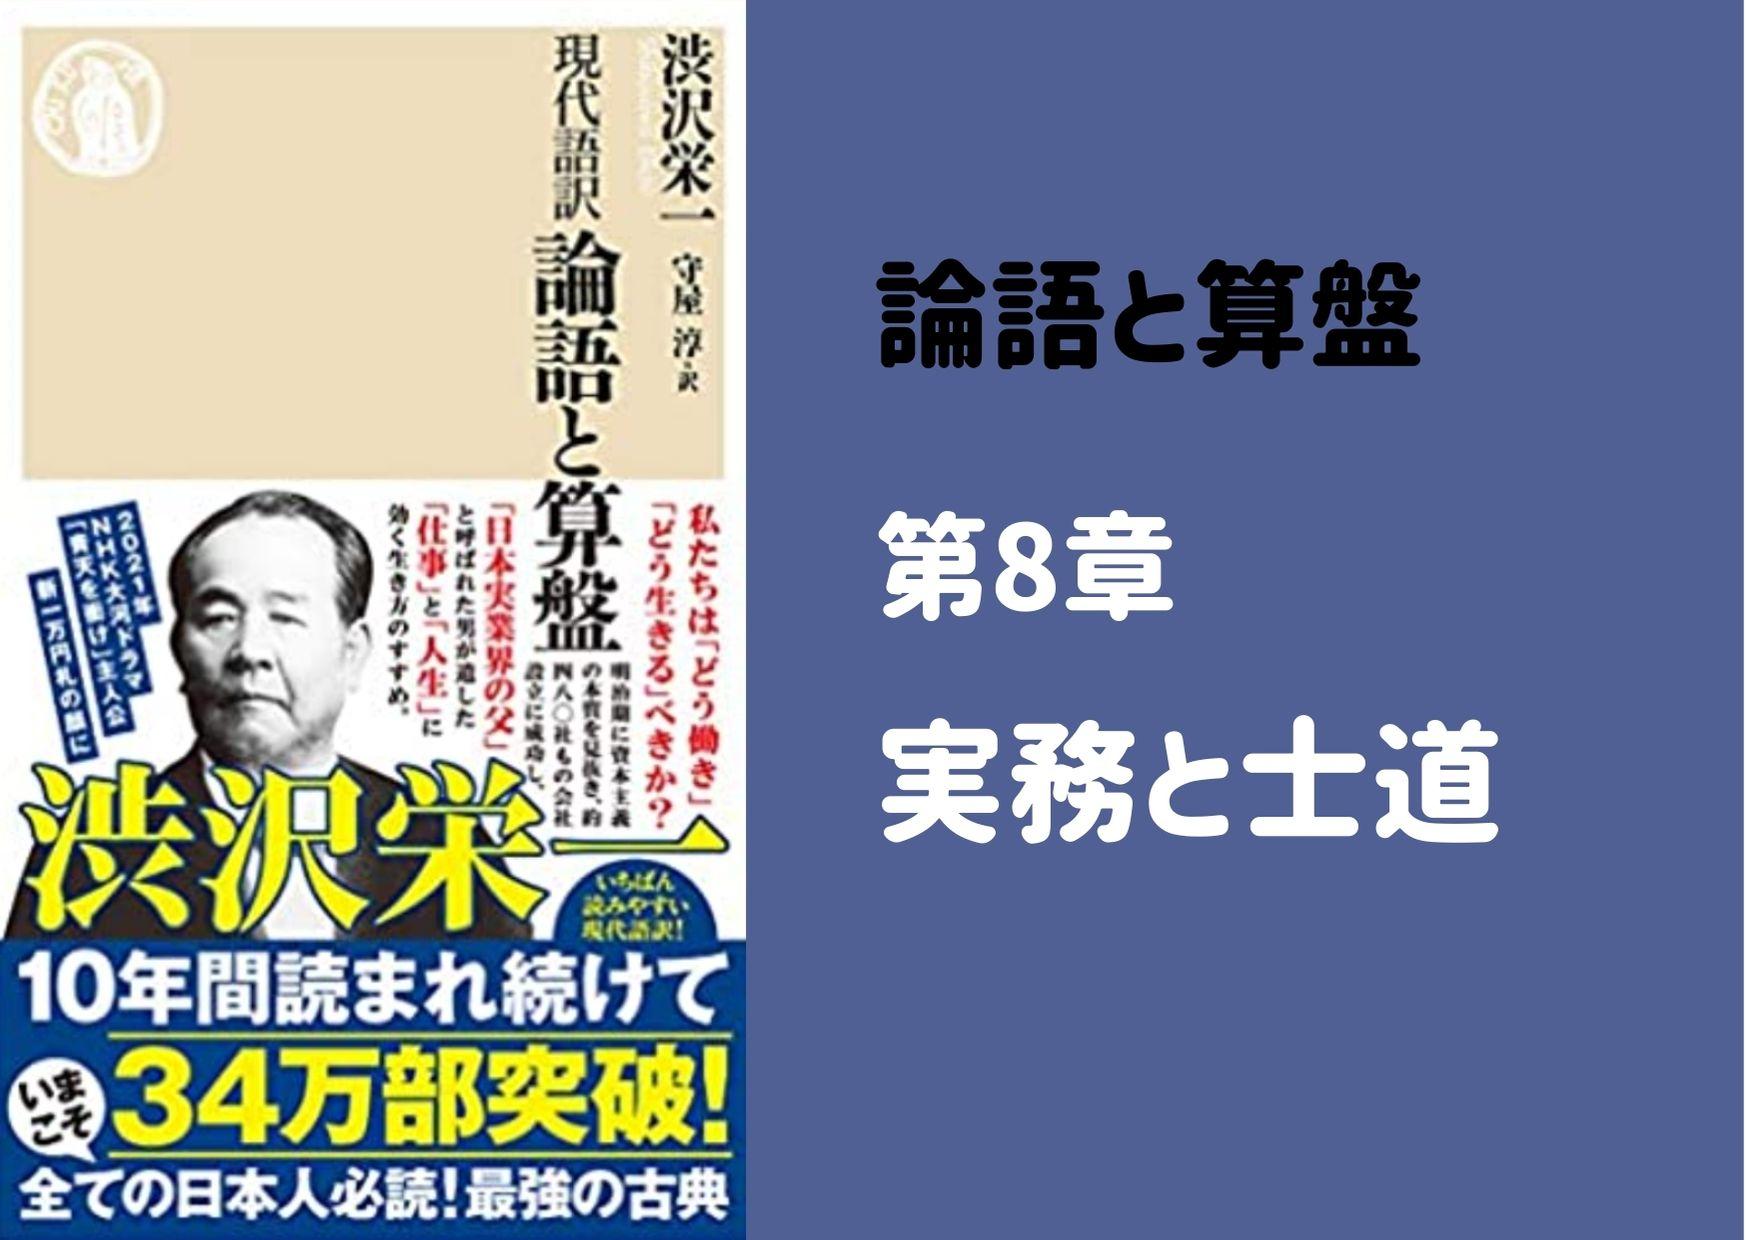 渋沢栄一『現代語訳:論語と算盤』第8章「実務と士道」の要約まとめ